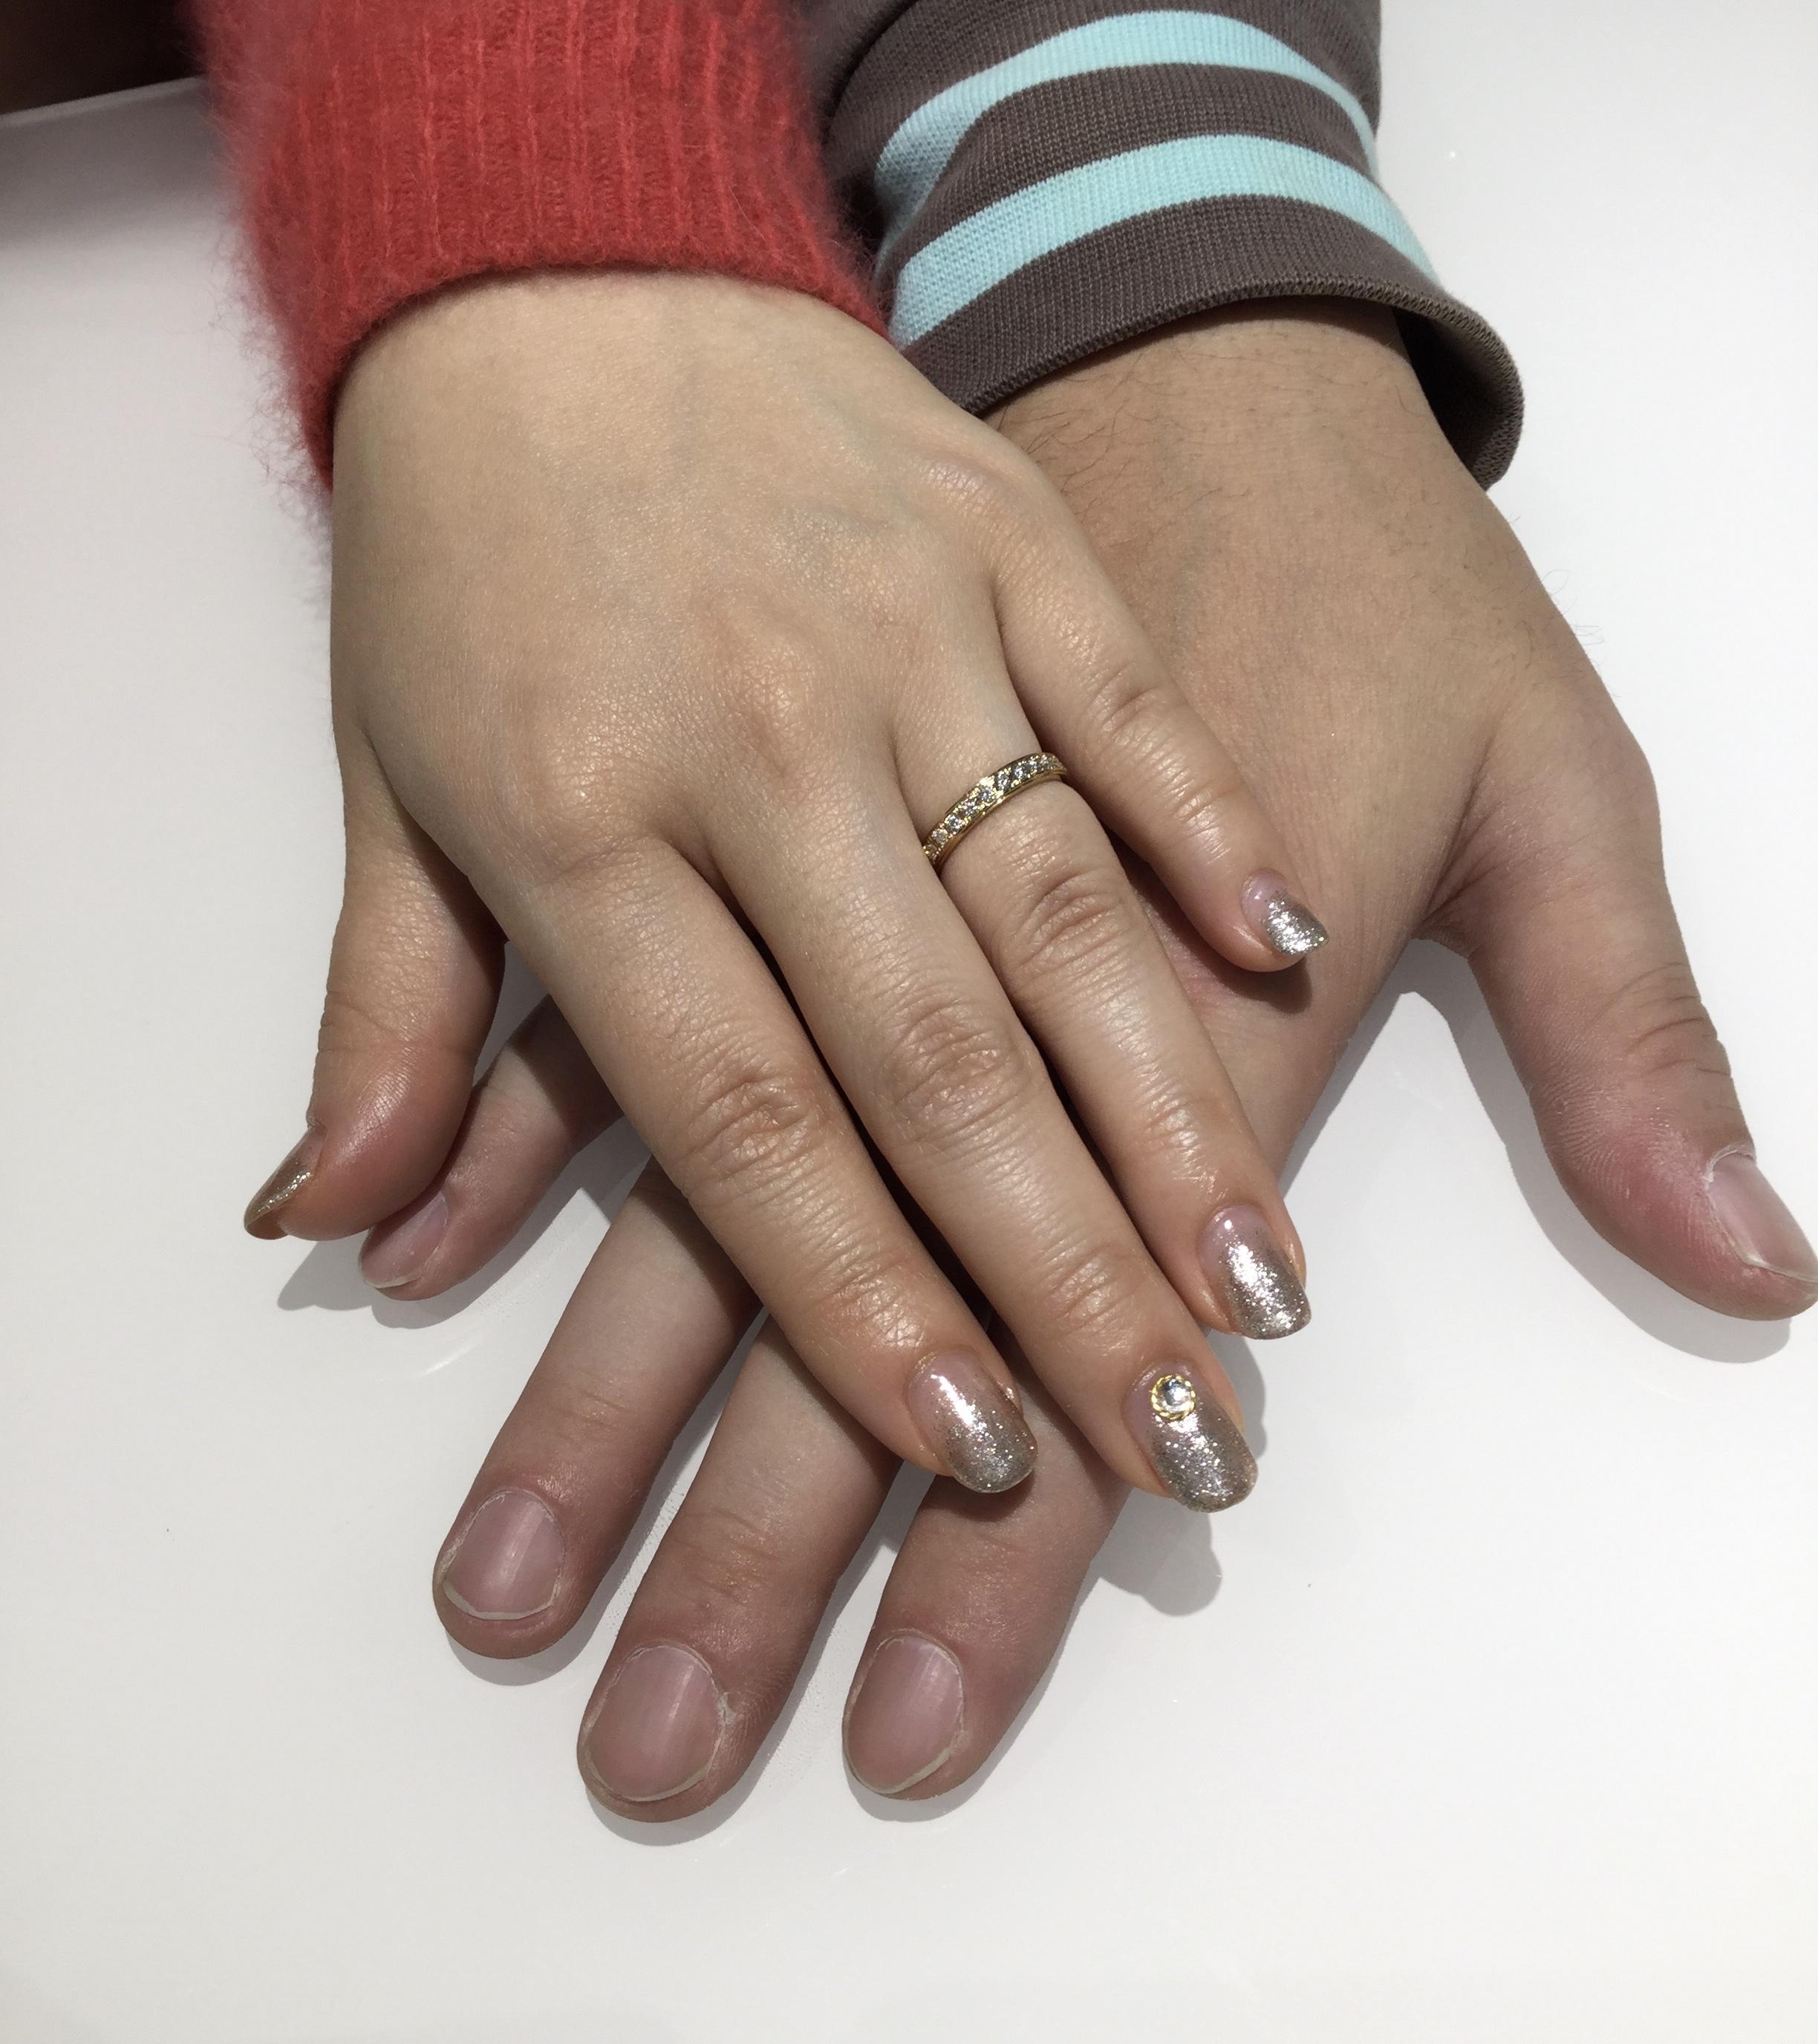 ラザールダイヤモンドの婚約指輪をイエローゴールドで…⭐️(柏崎市/N様&M様